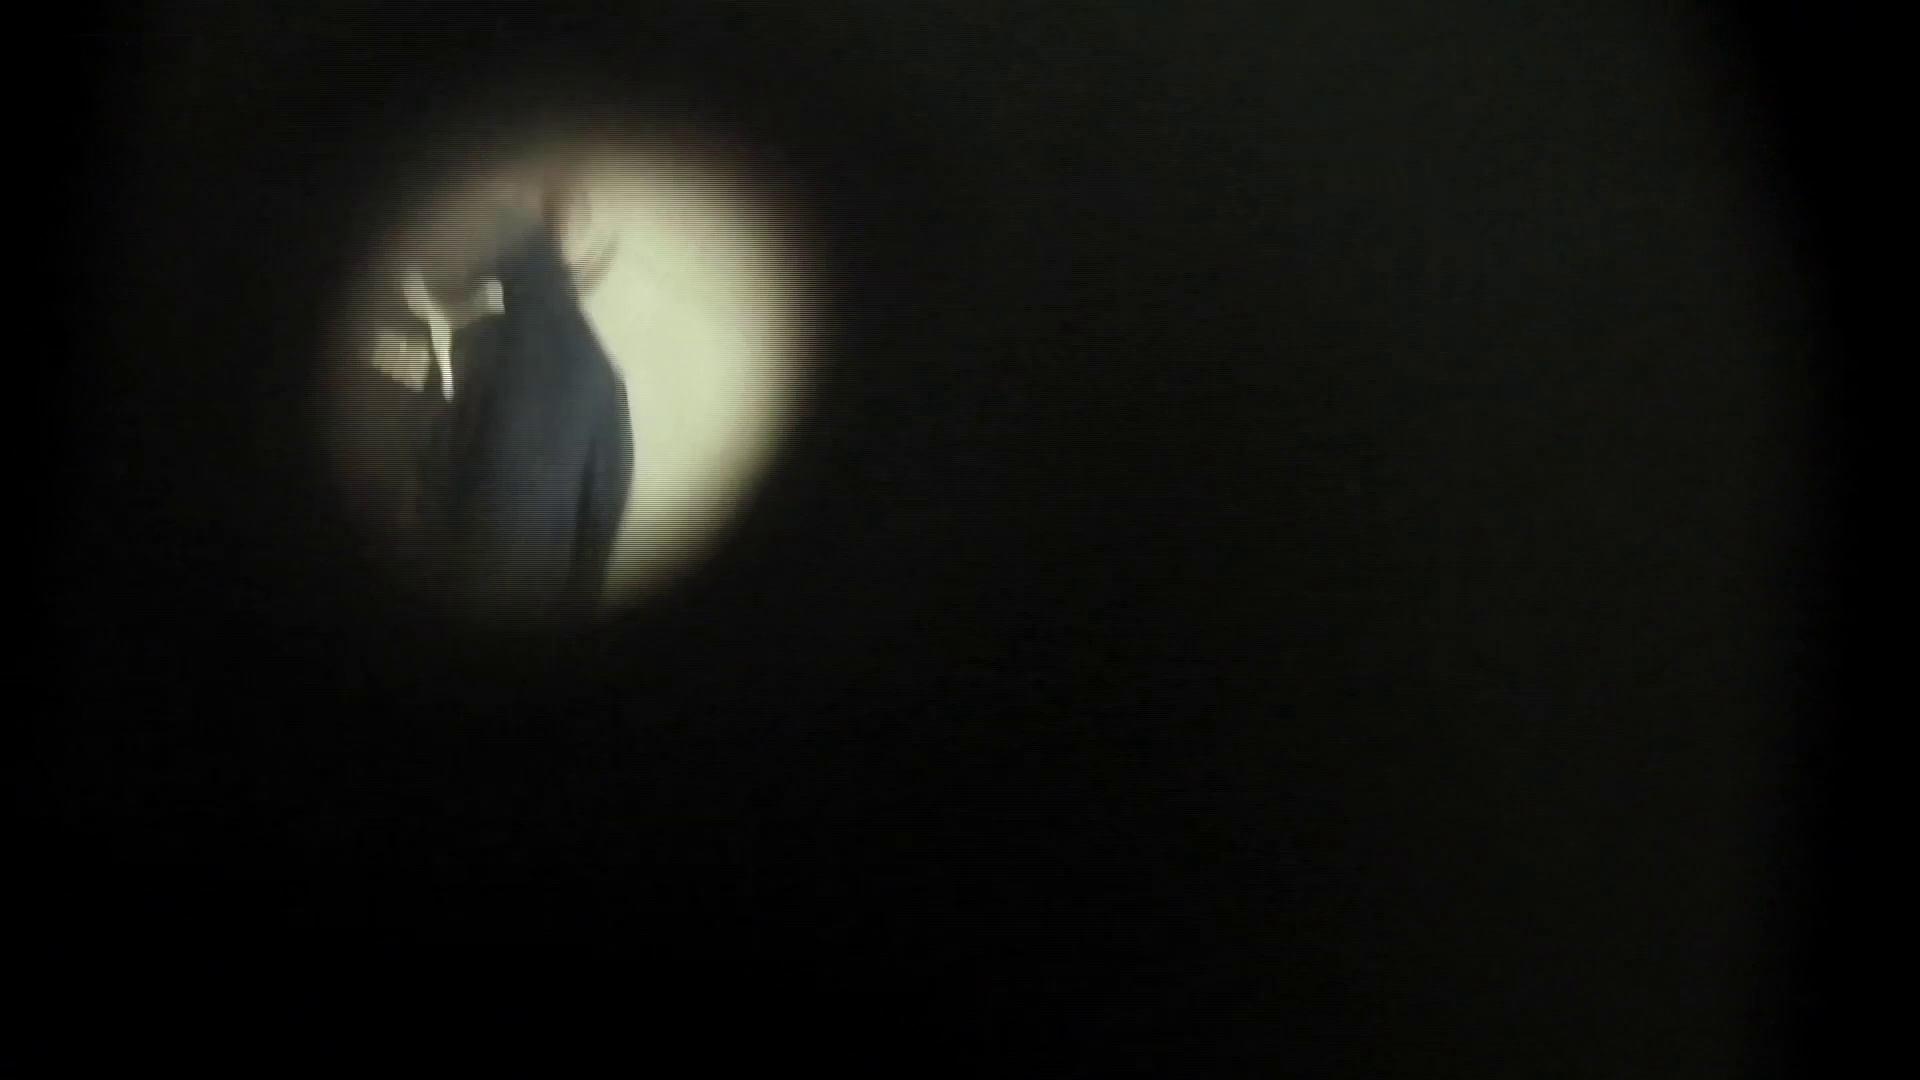 ステーション編 vol.39 お洒落な子がパイパン ギャル達 オメコ無修正動画無料 100枚 23